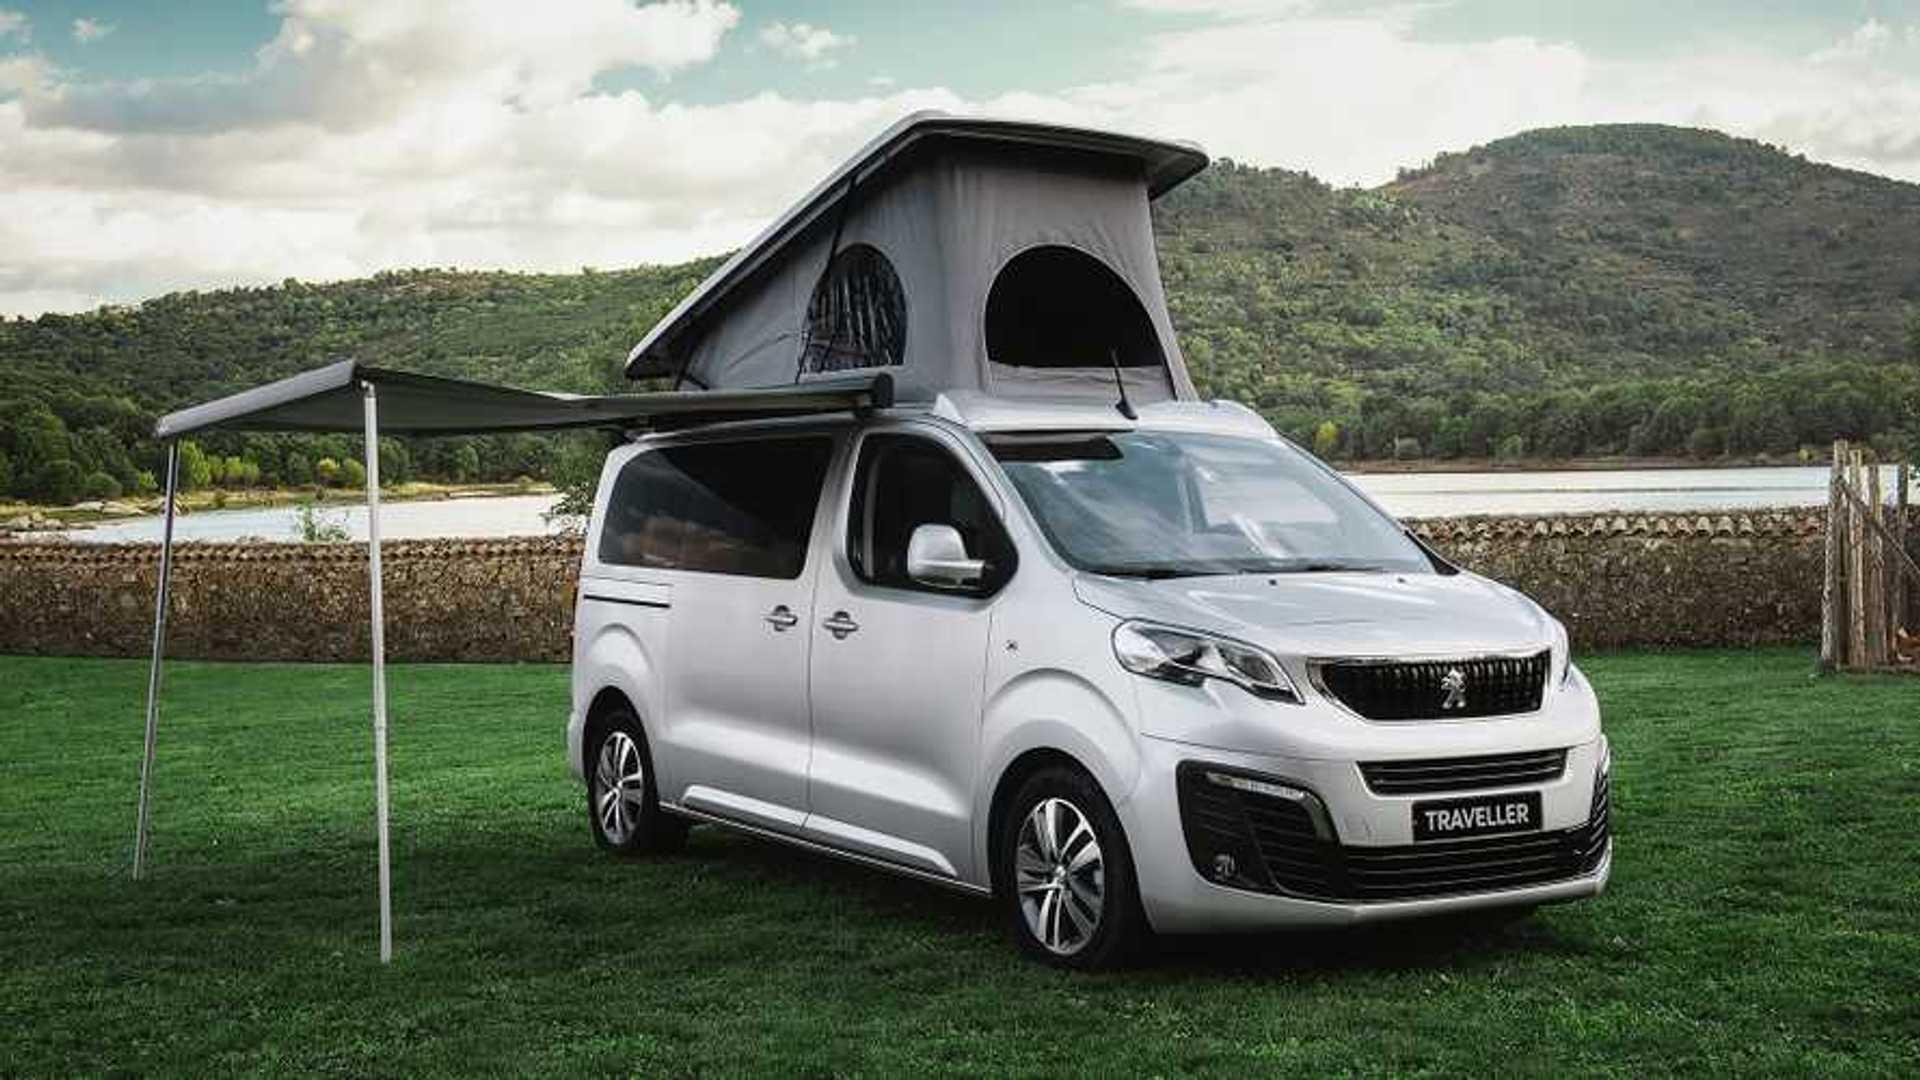 Descubre La Gama Camper De Peugeot En Colaboracion Con Tinkervan